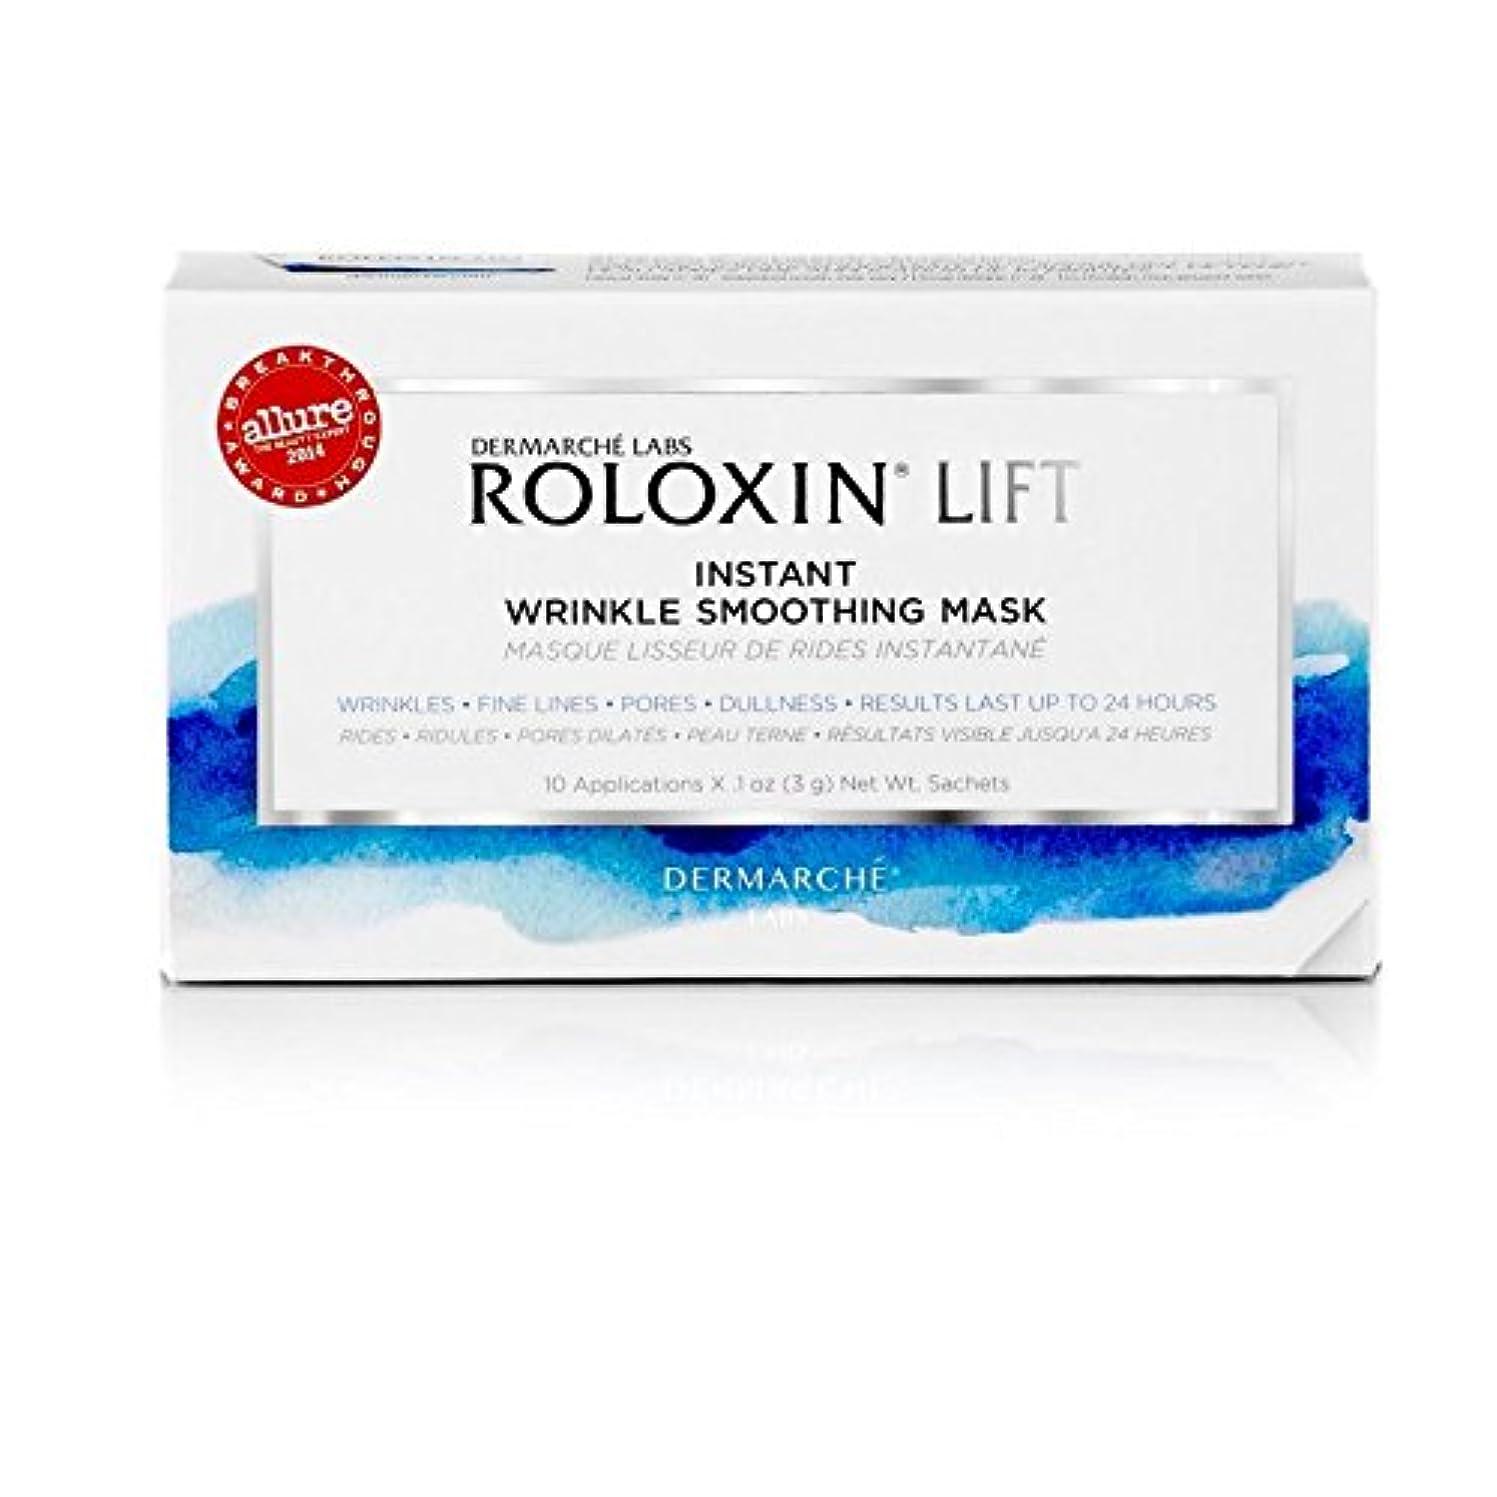 サラダである休暇Dermarche Labs ROLOXIN LIFT Wrinkle Smoothing Mask 10 Count (Pack of 6) - リフトリンクルスムージング ラボは10カウントがマスク x6 [並行輸入品]